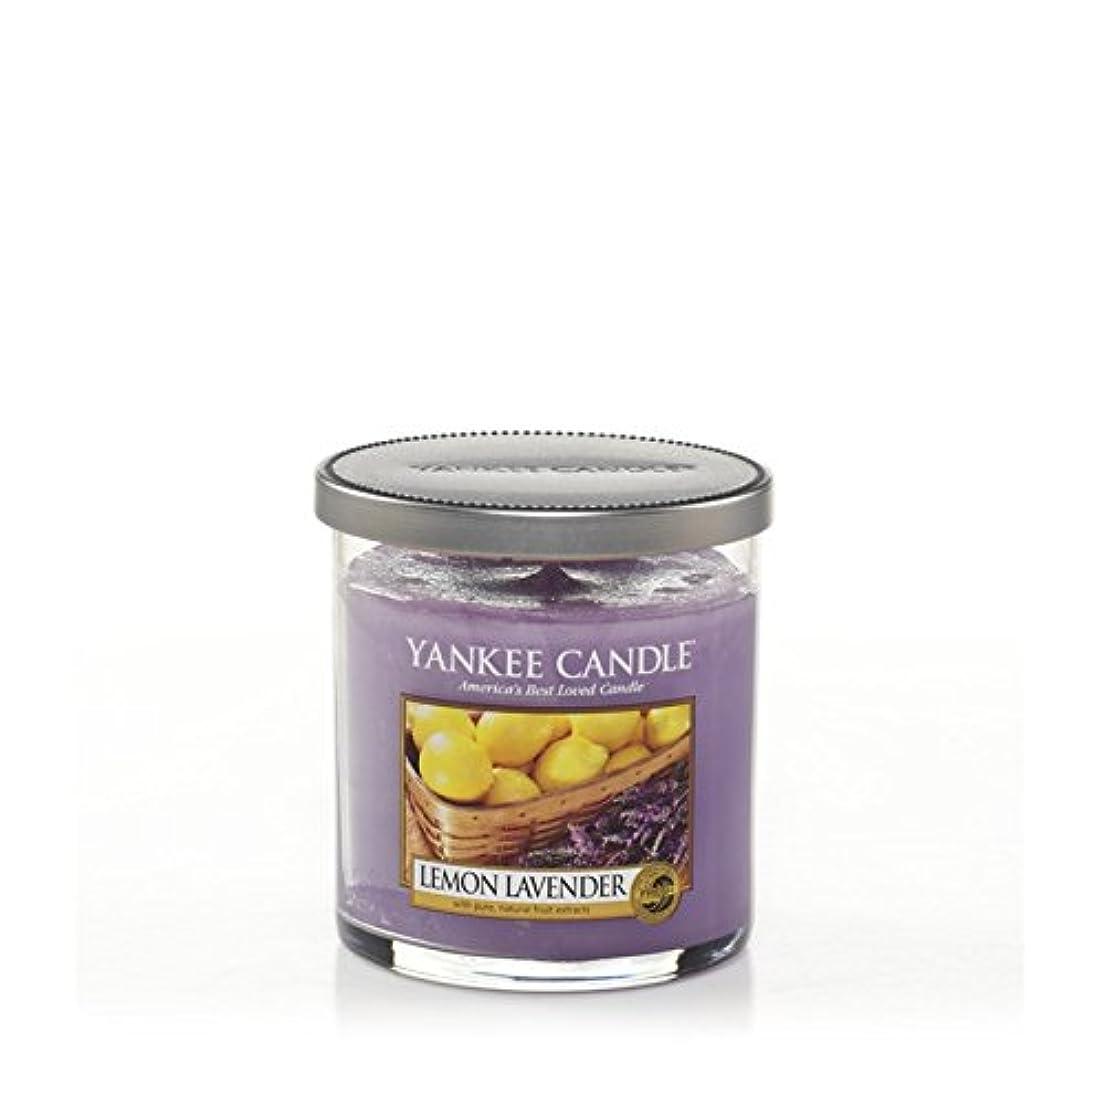 ロードハウス除去トラフィックYankee Candles Small Pillar Candle - Lemon Lavender (Pack of 2) - ヤンキーキャンドルの小さな柱キャンドル - レモンラベンダー (x2) [並行輸入品]